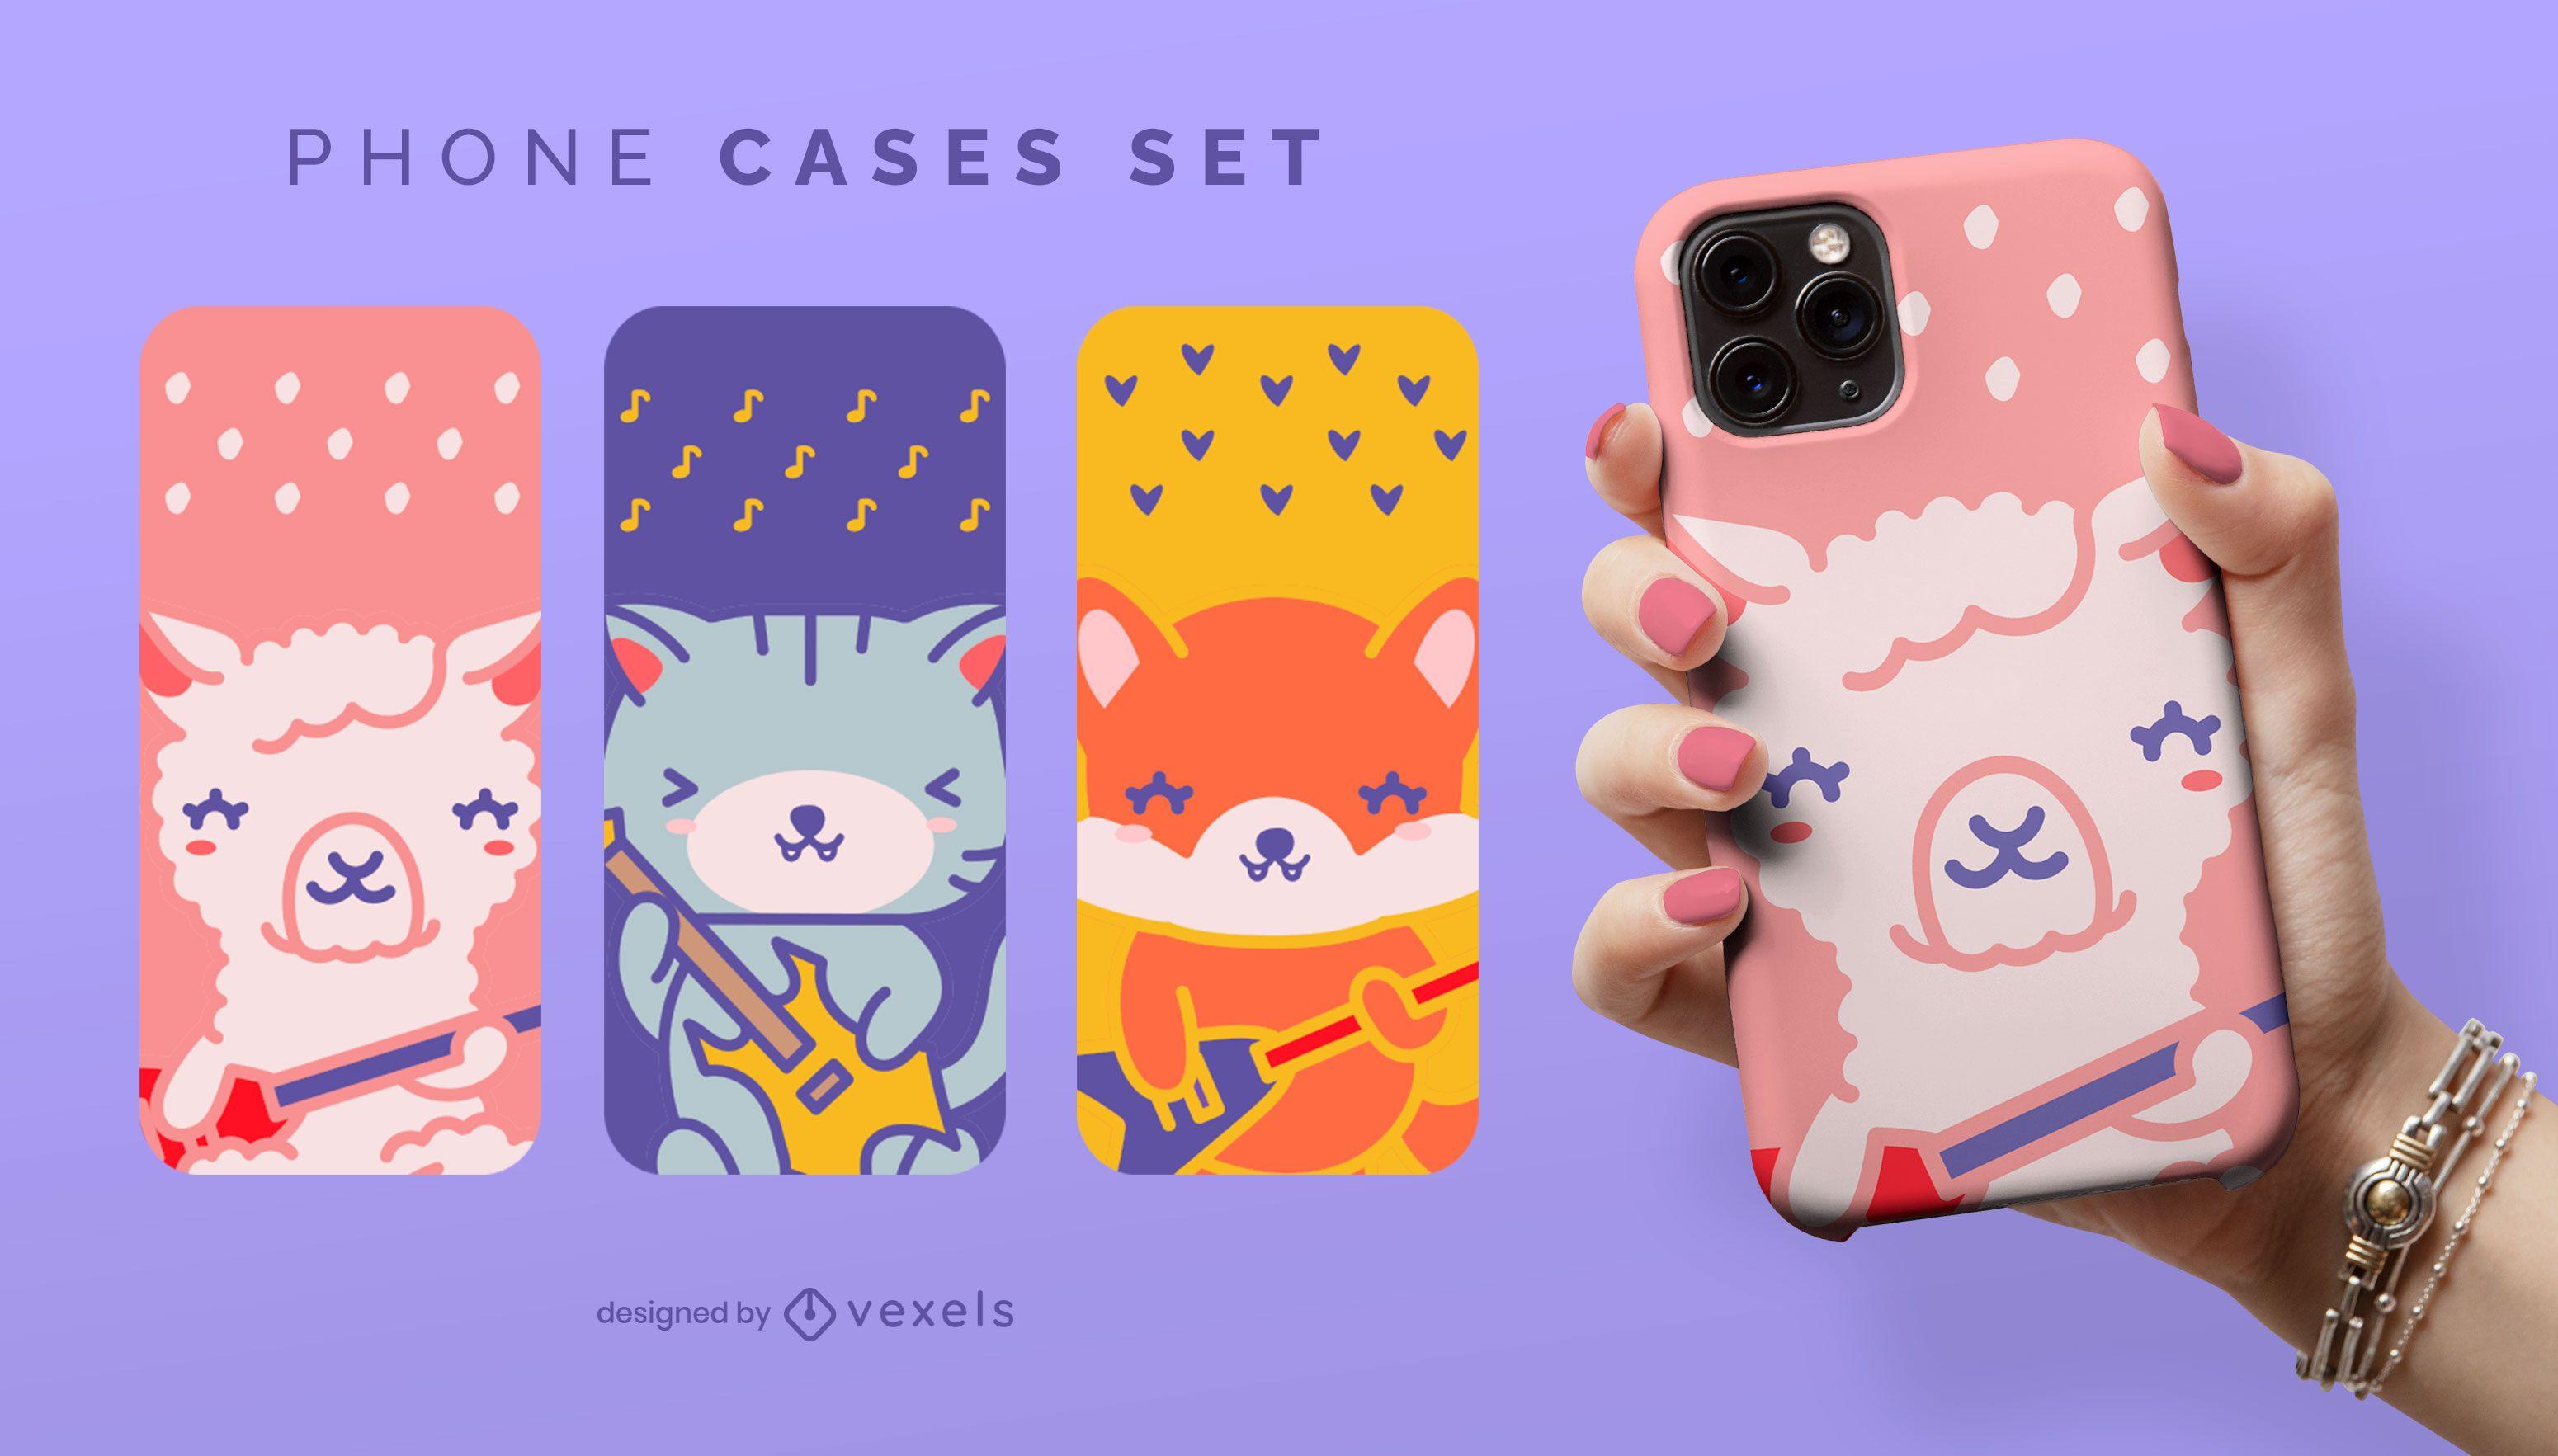 Guitarist animals phone case set